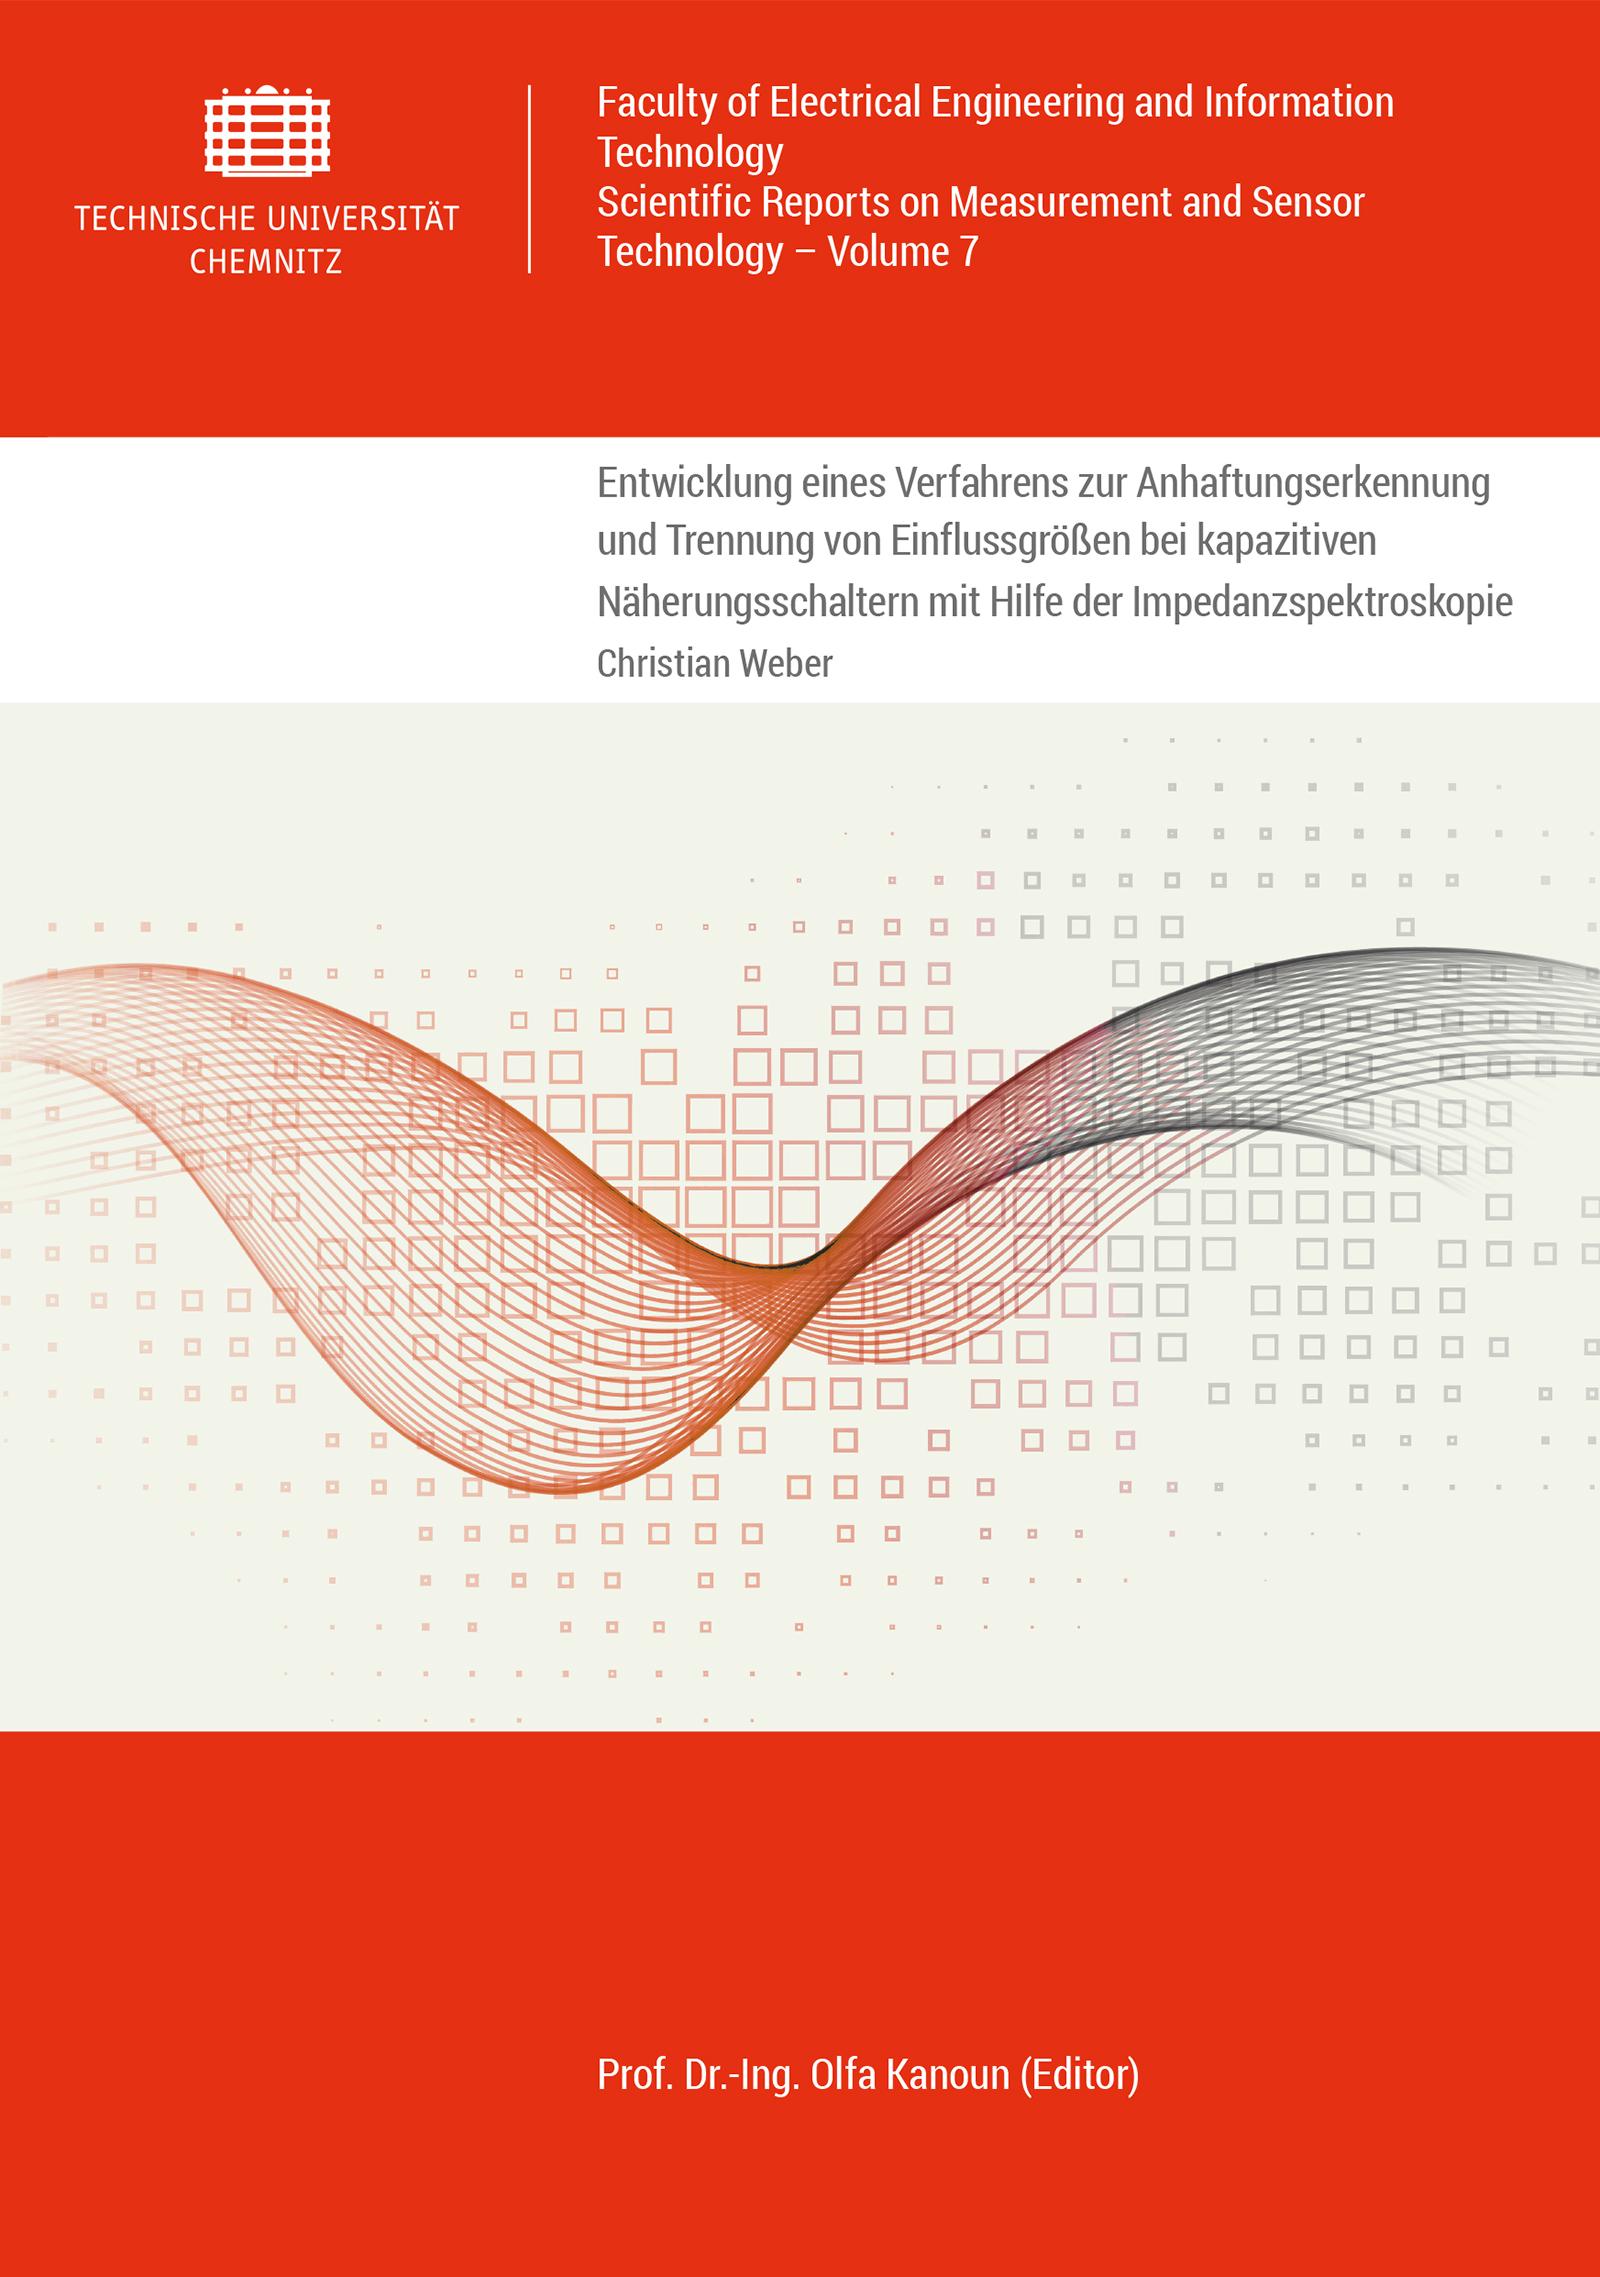 Cover: Entwicklung eines Verfahrens zur Anhaftungserkennung und Trennung von Einflussgrößen bei kapazitiven Näherungsschaltern mit Hilfe der Impedanzspektroskopie